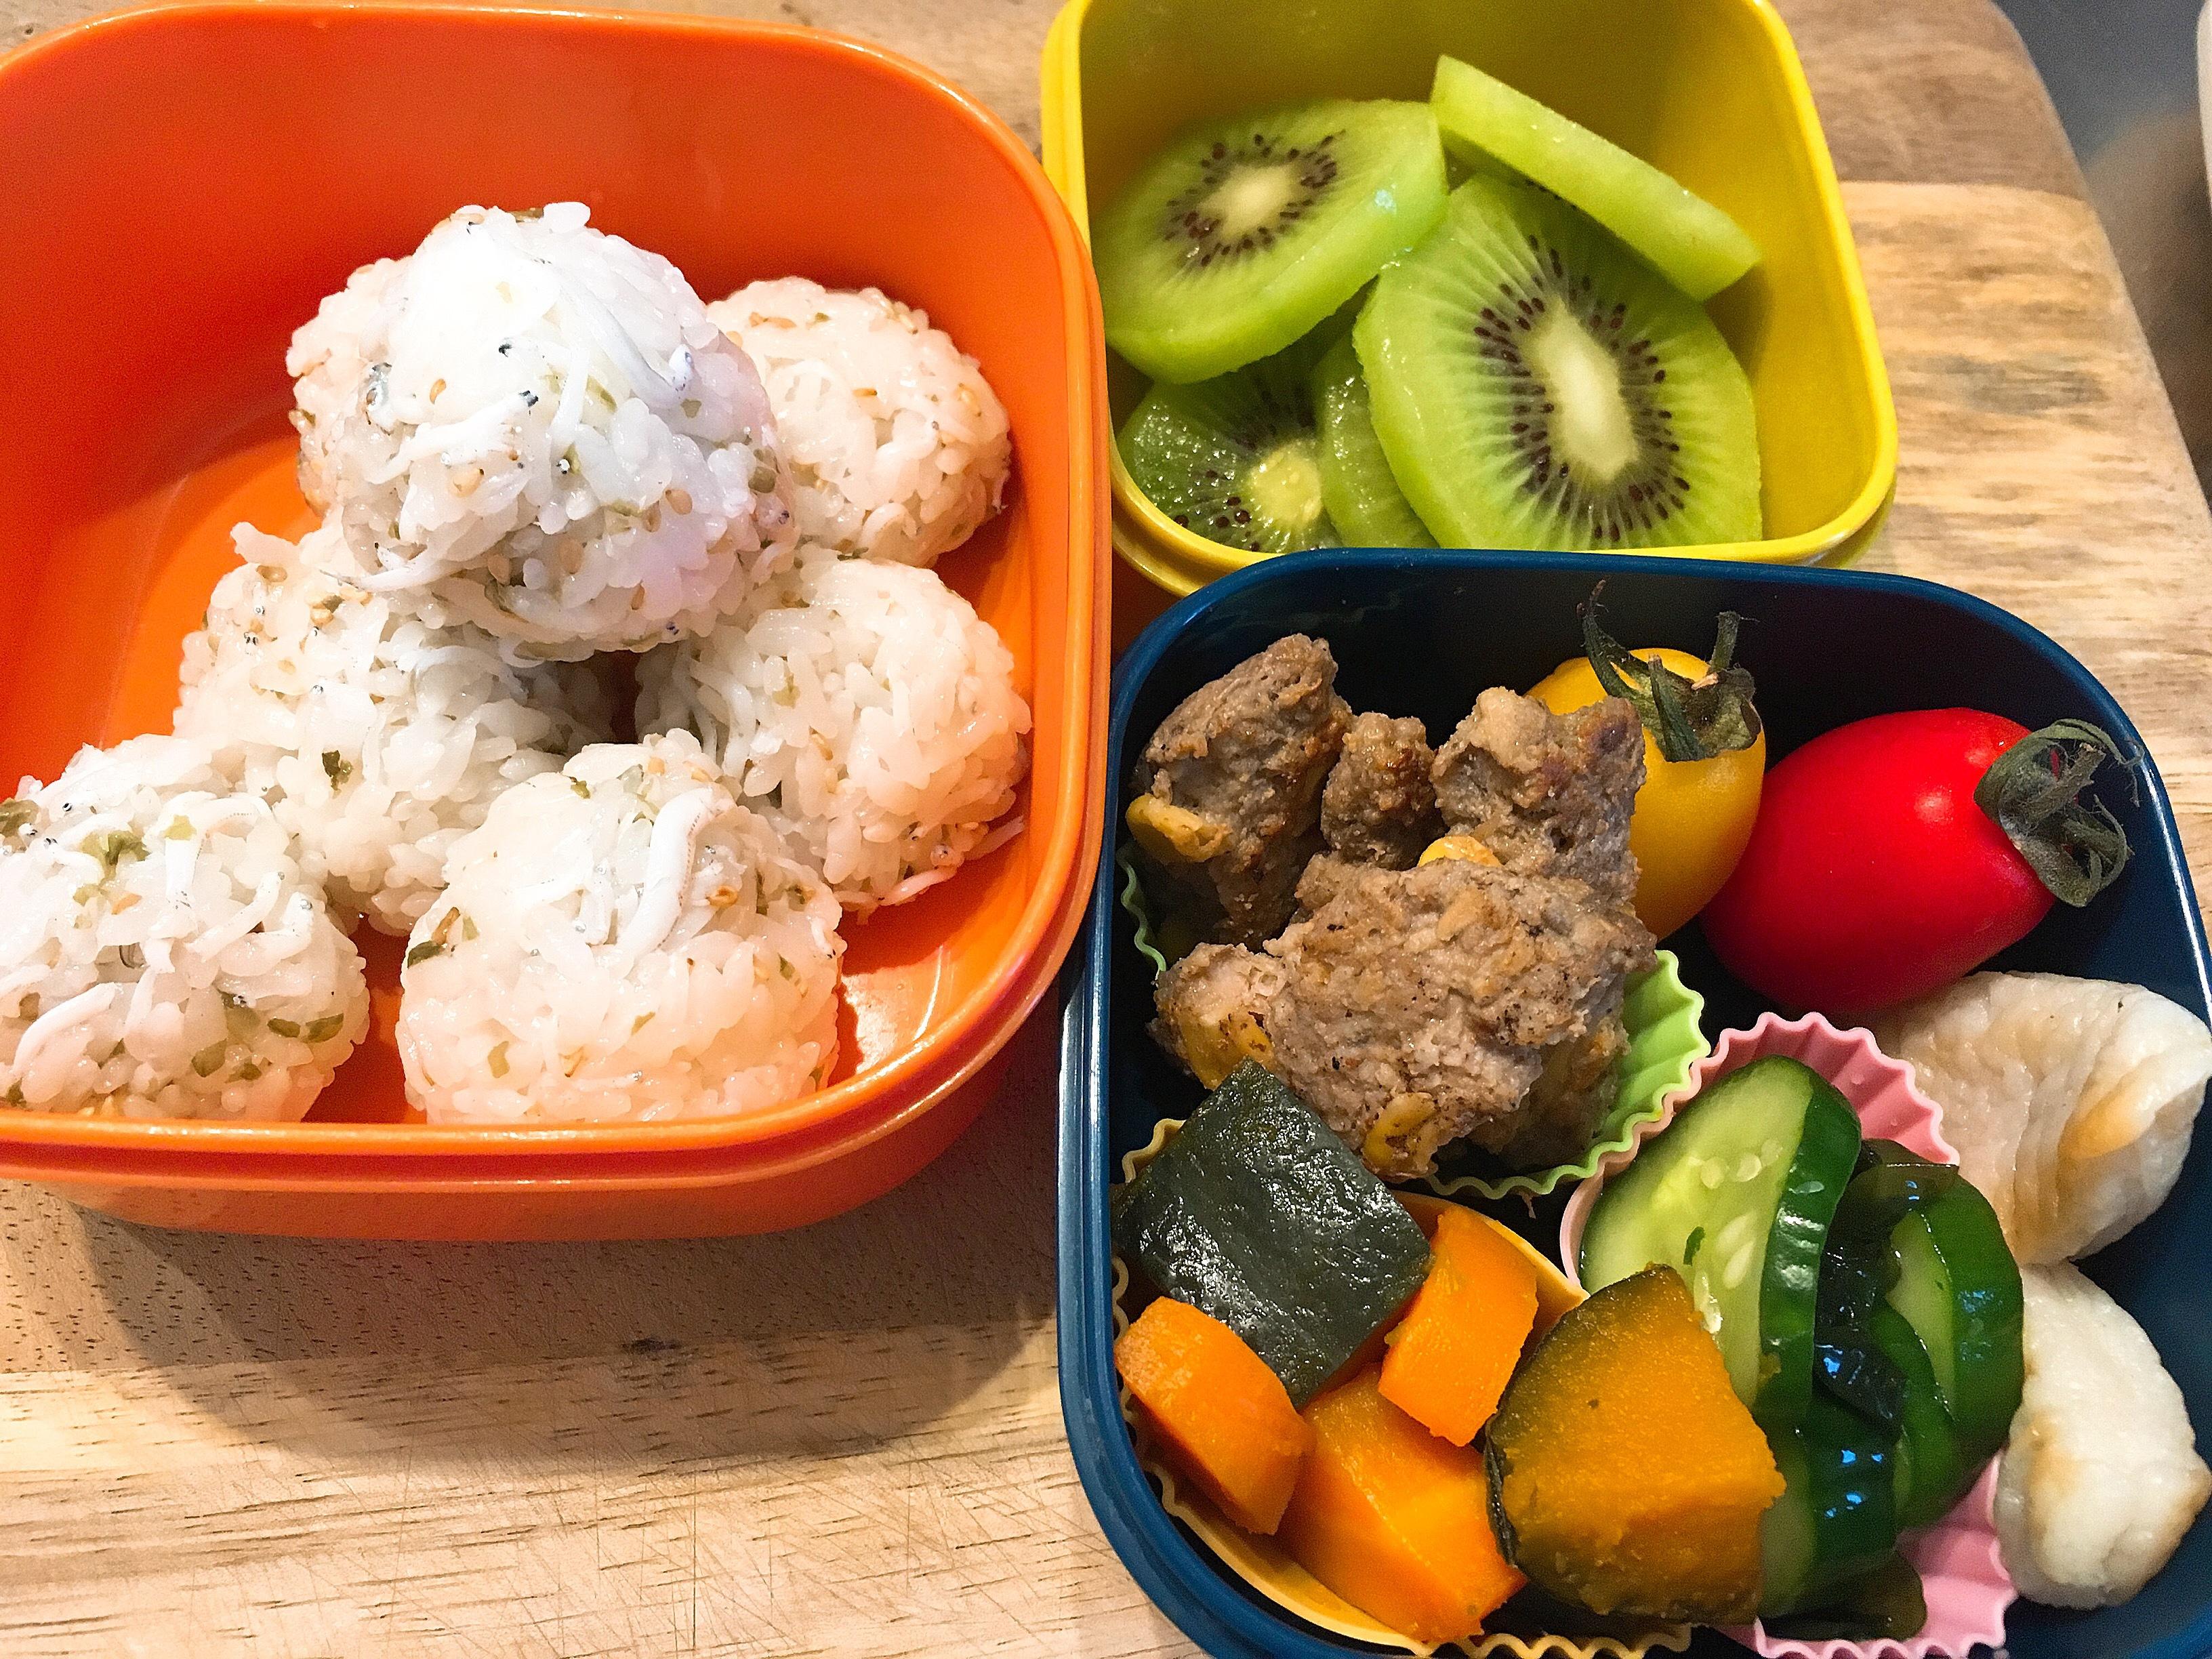 【1歳のお弁当】保育園のお弁当の日、どんなお弁当を持っていったか公開!